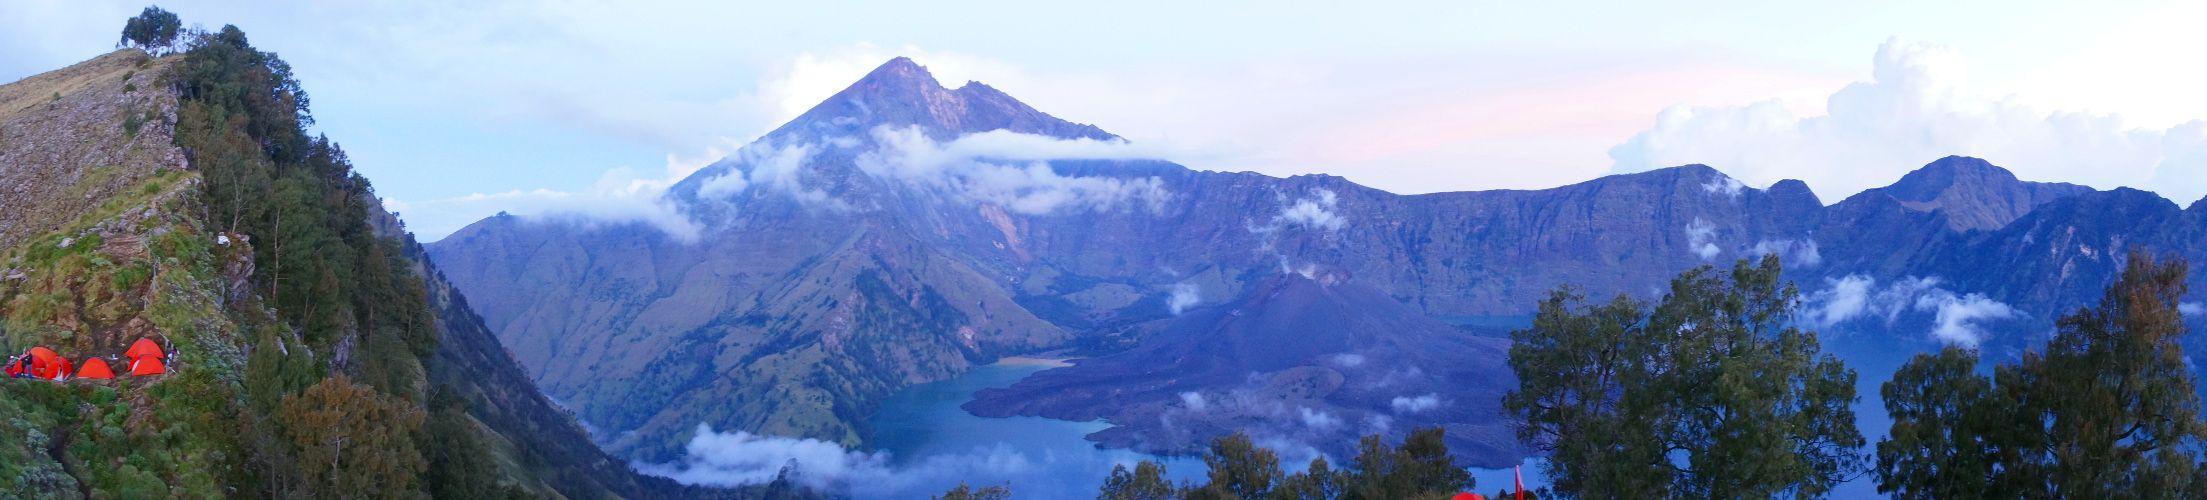 Volcan Rinjani aux lueurs du soir